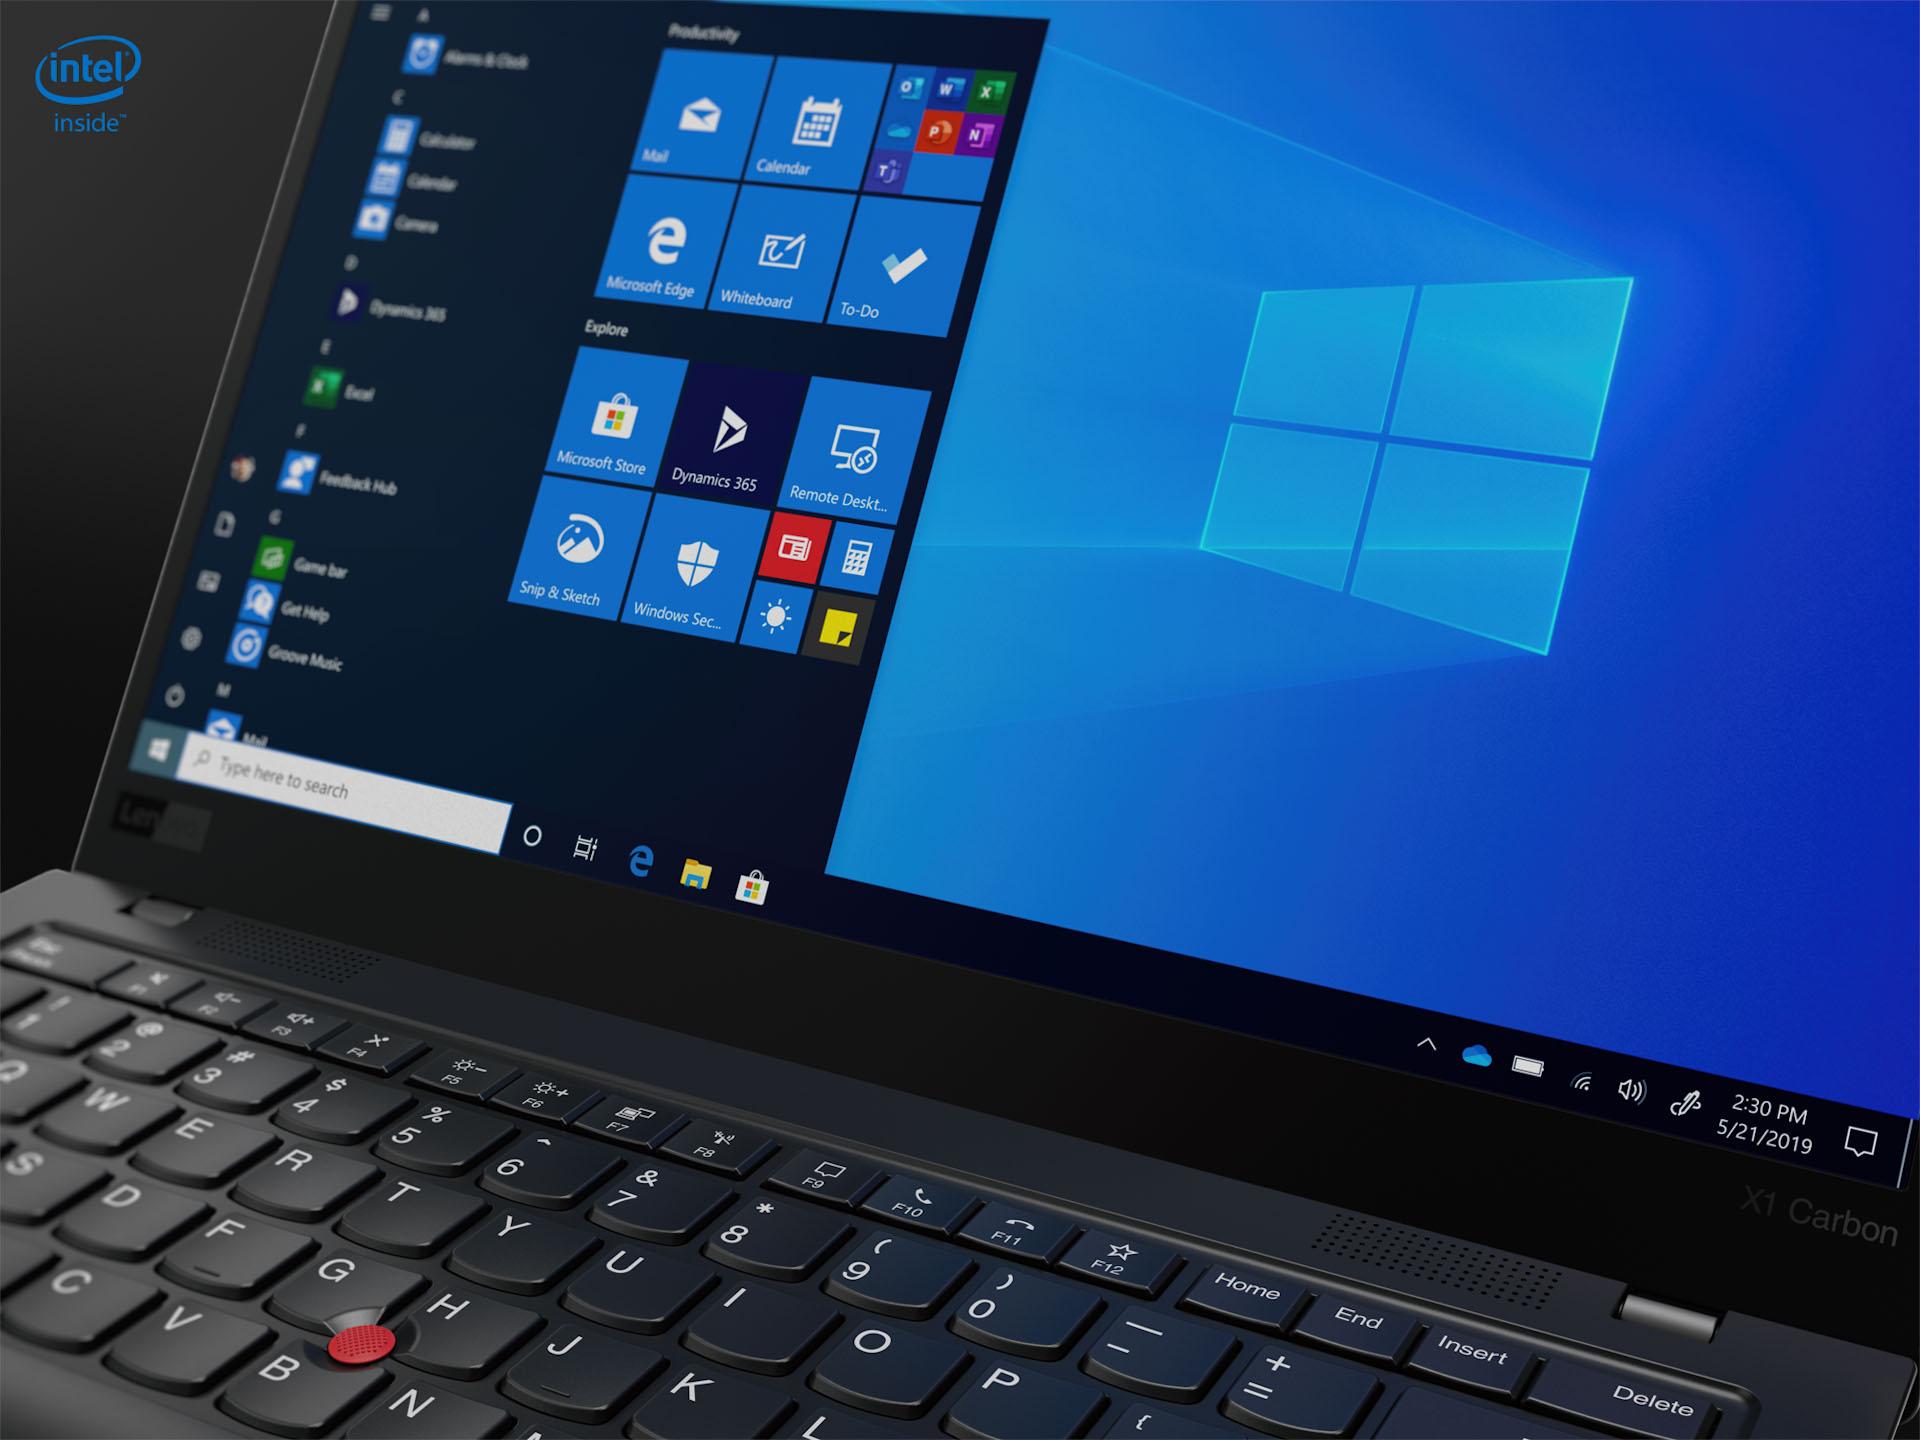 Bộ đôi ThinkPad X1 Carbon Gen 8 và ThinkPad X1 Yoga Gen 5 lên kệ, giá từ 44.99 triệu đồng 2